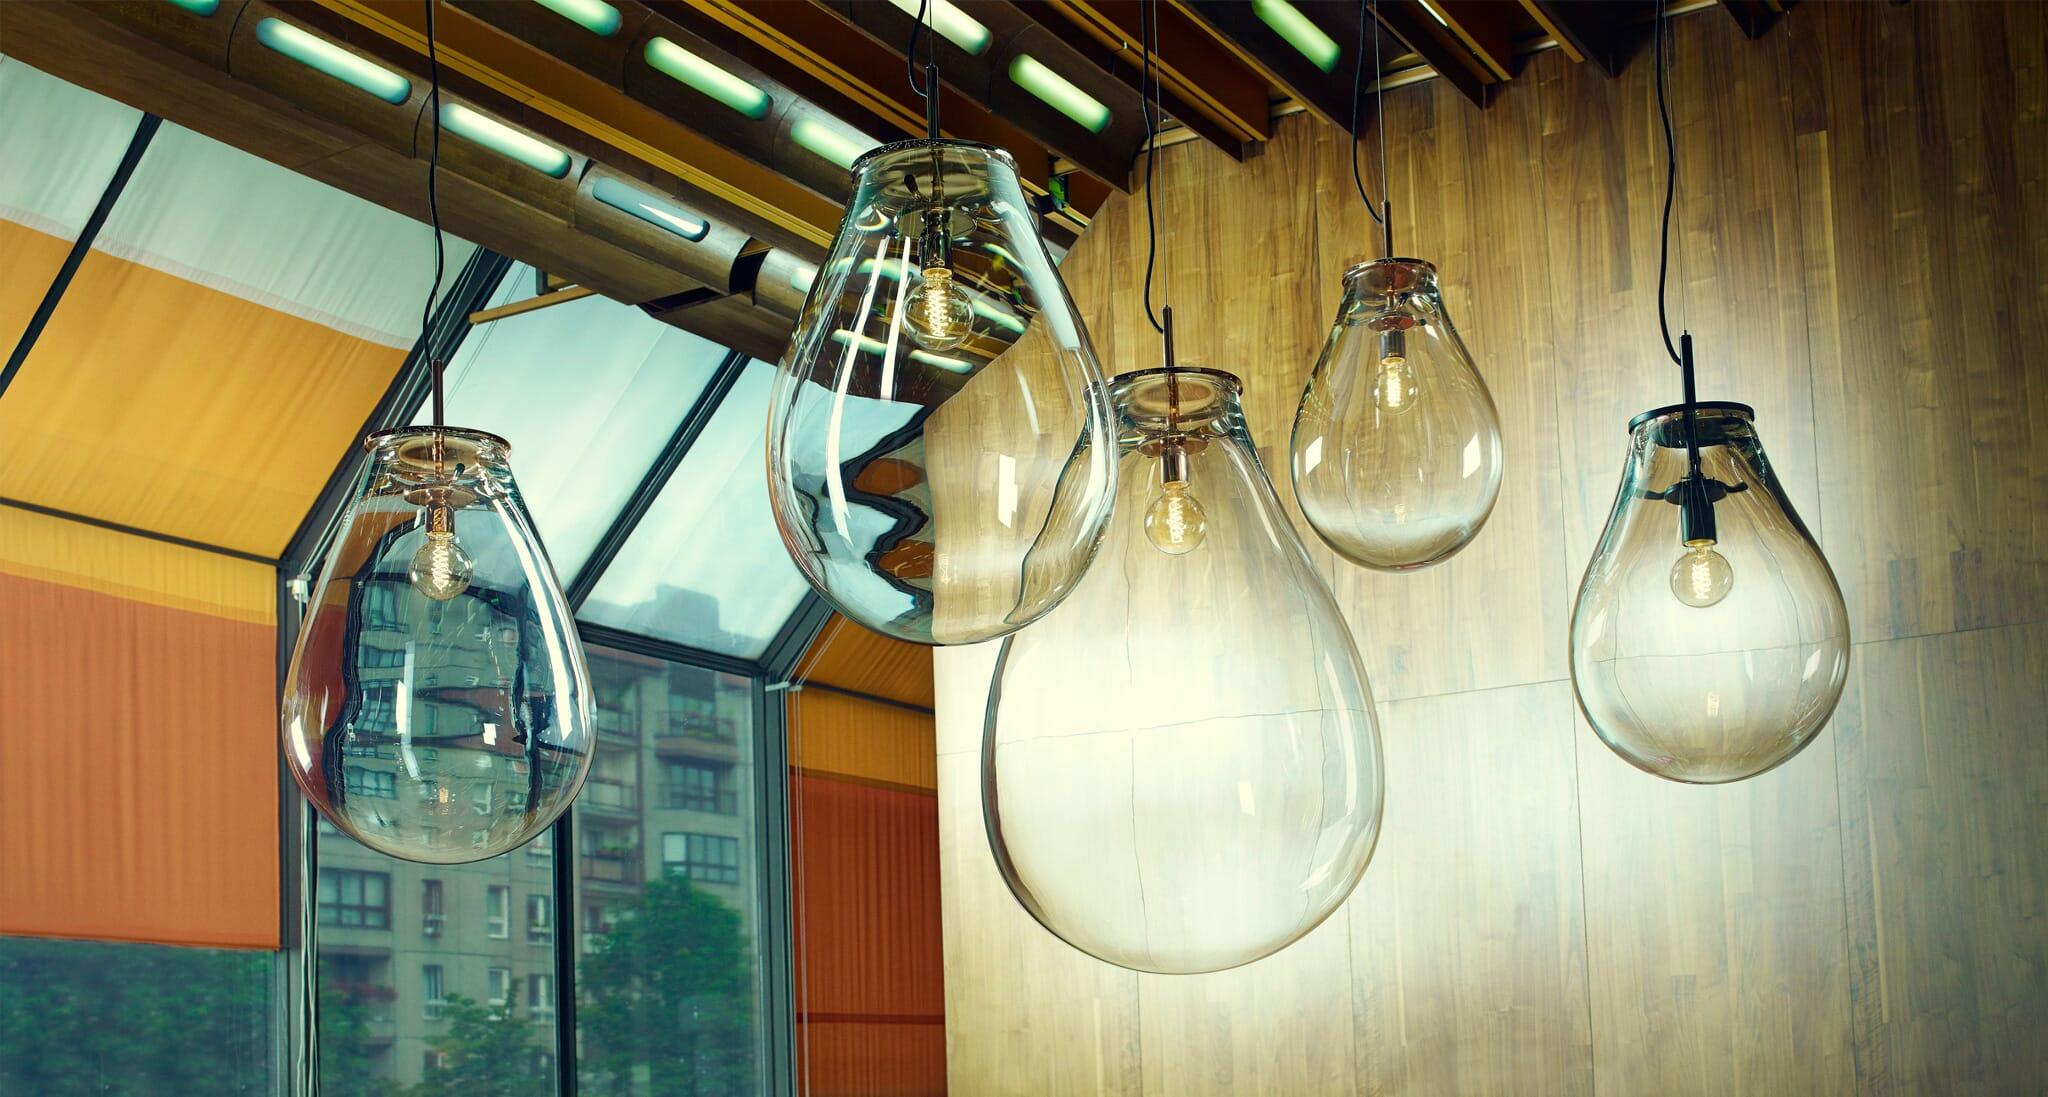 Bomma Unveils New Lighting Inside Berlin's Czech Embassy